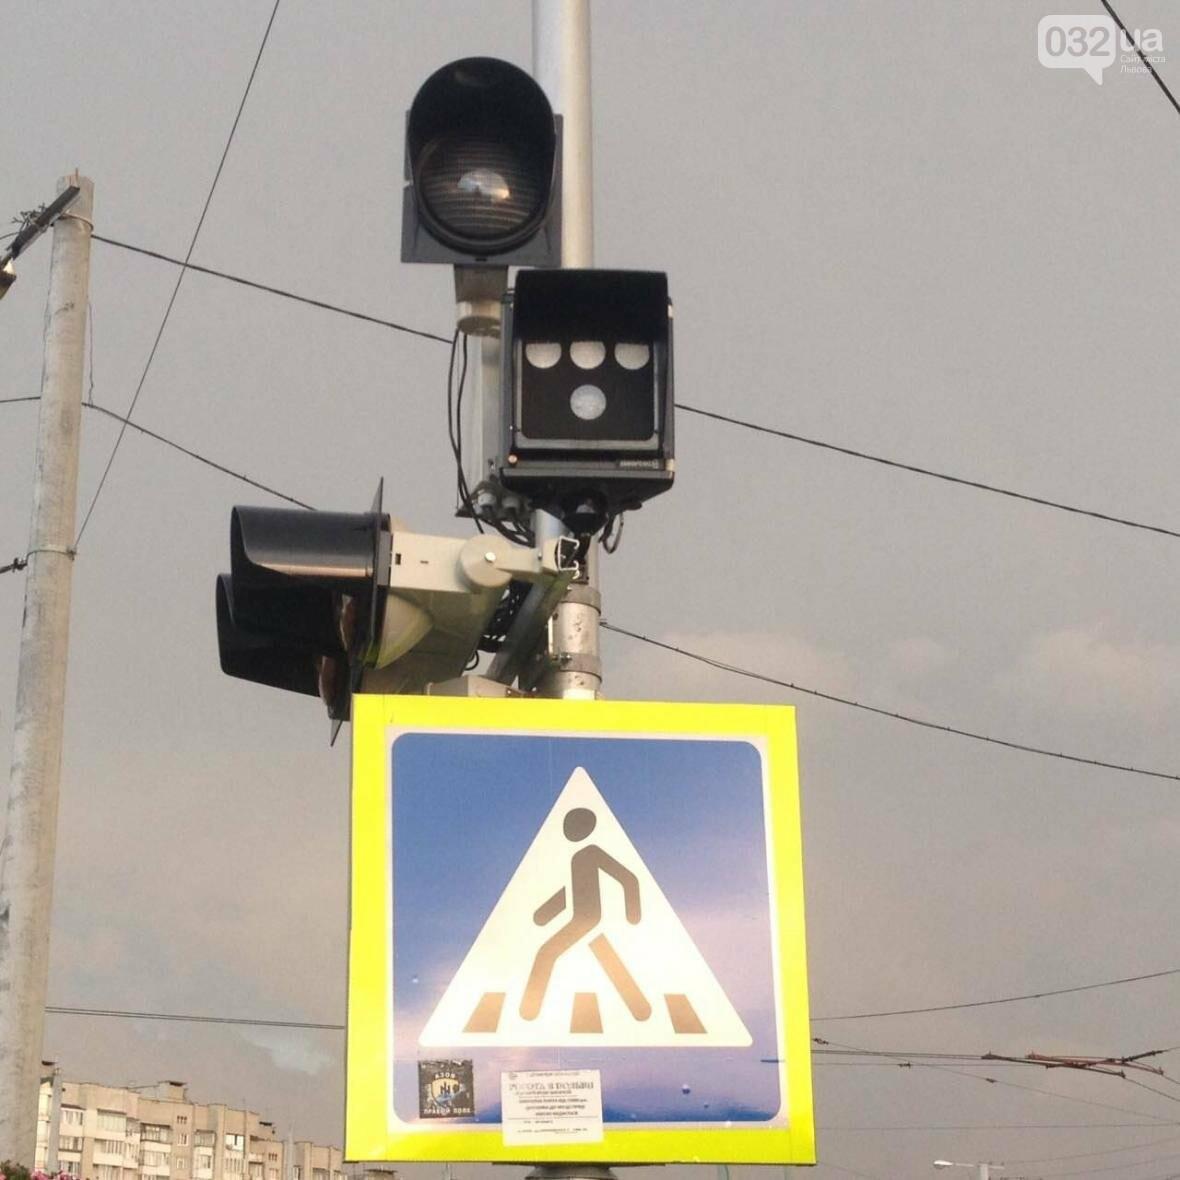 Впродовж цього тижня вздовж лінії сихівського трамвая запрацюють розумні світлофори (ФОТО), фото-2